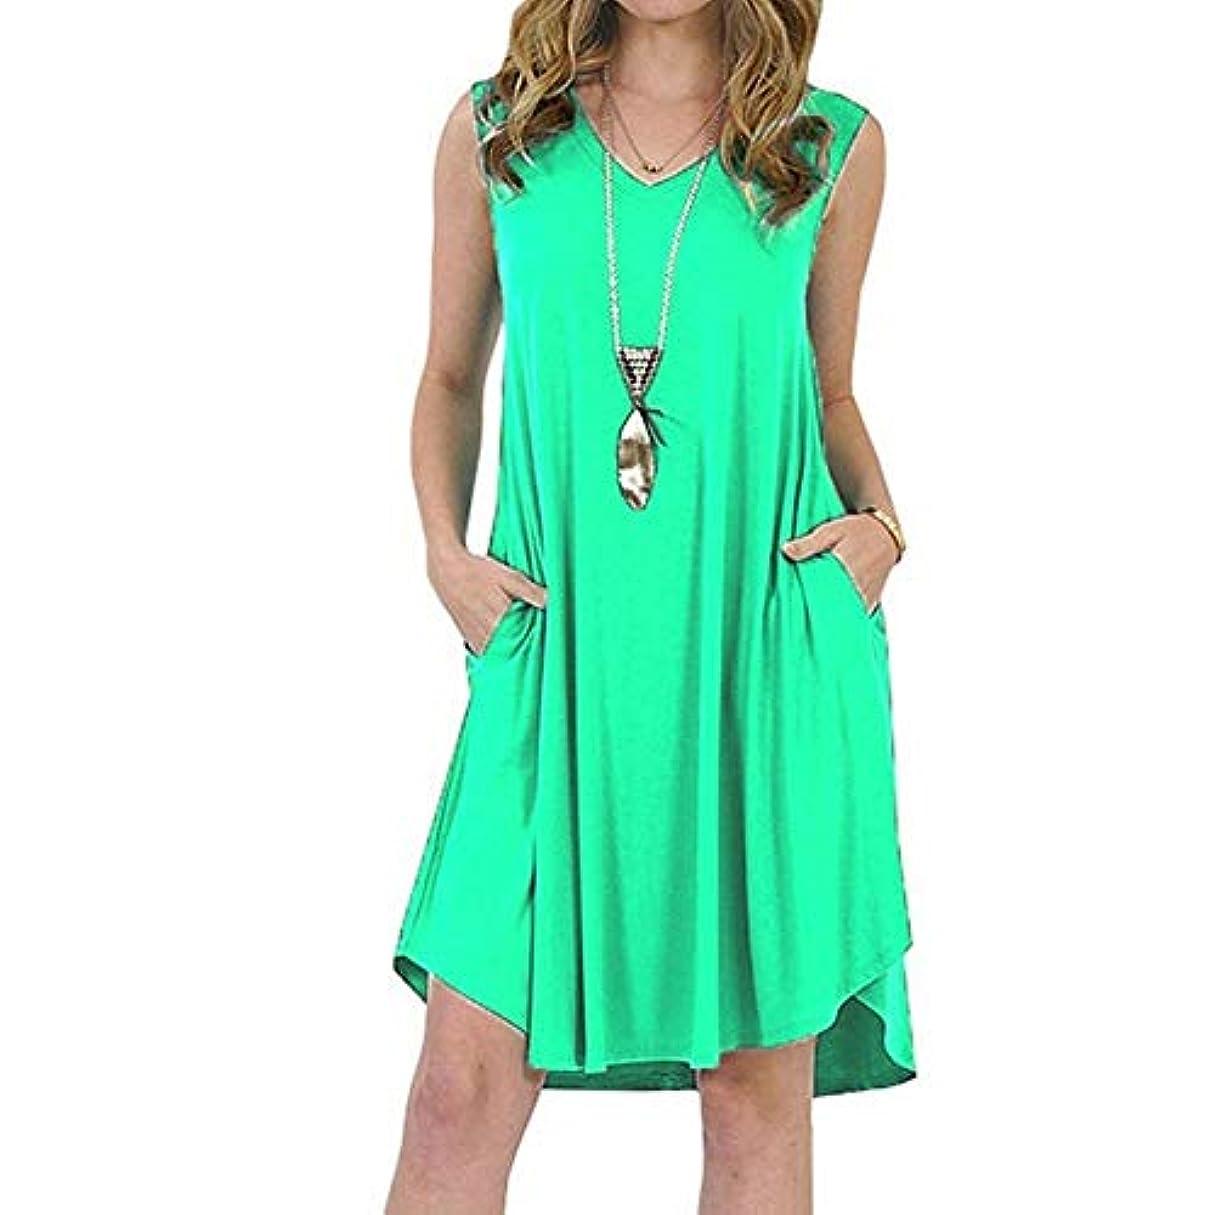 クール早める脱獄MIFAN の女性のドレスカジュアルな不規則なドレスルースサマービーチTシャツドレス